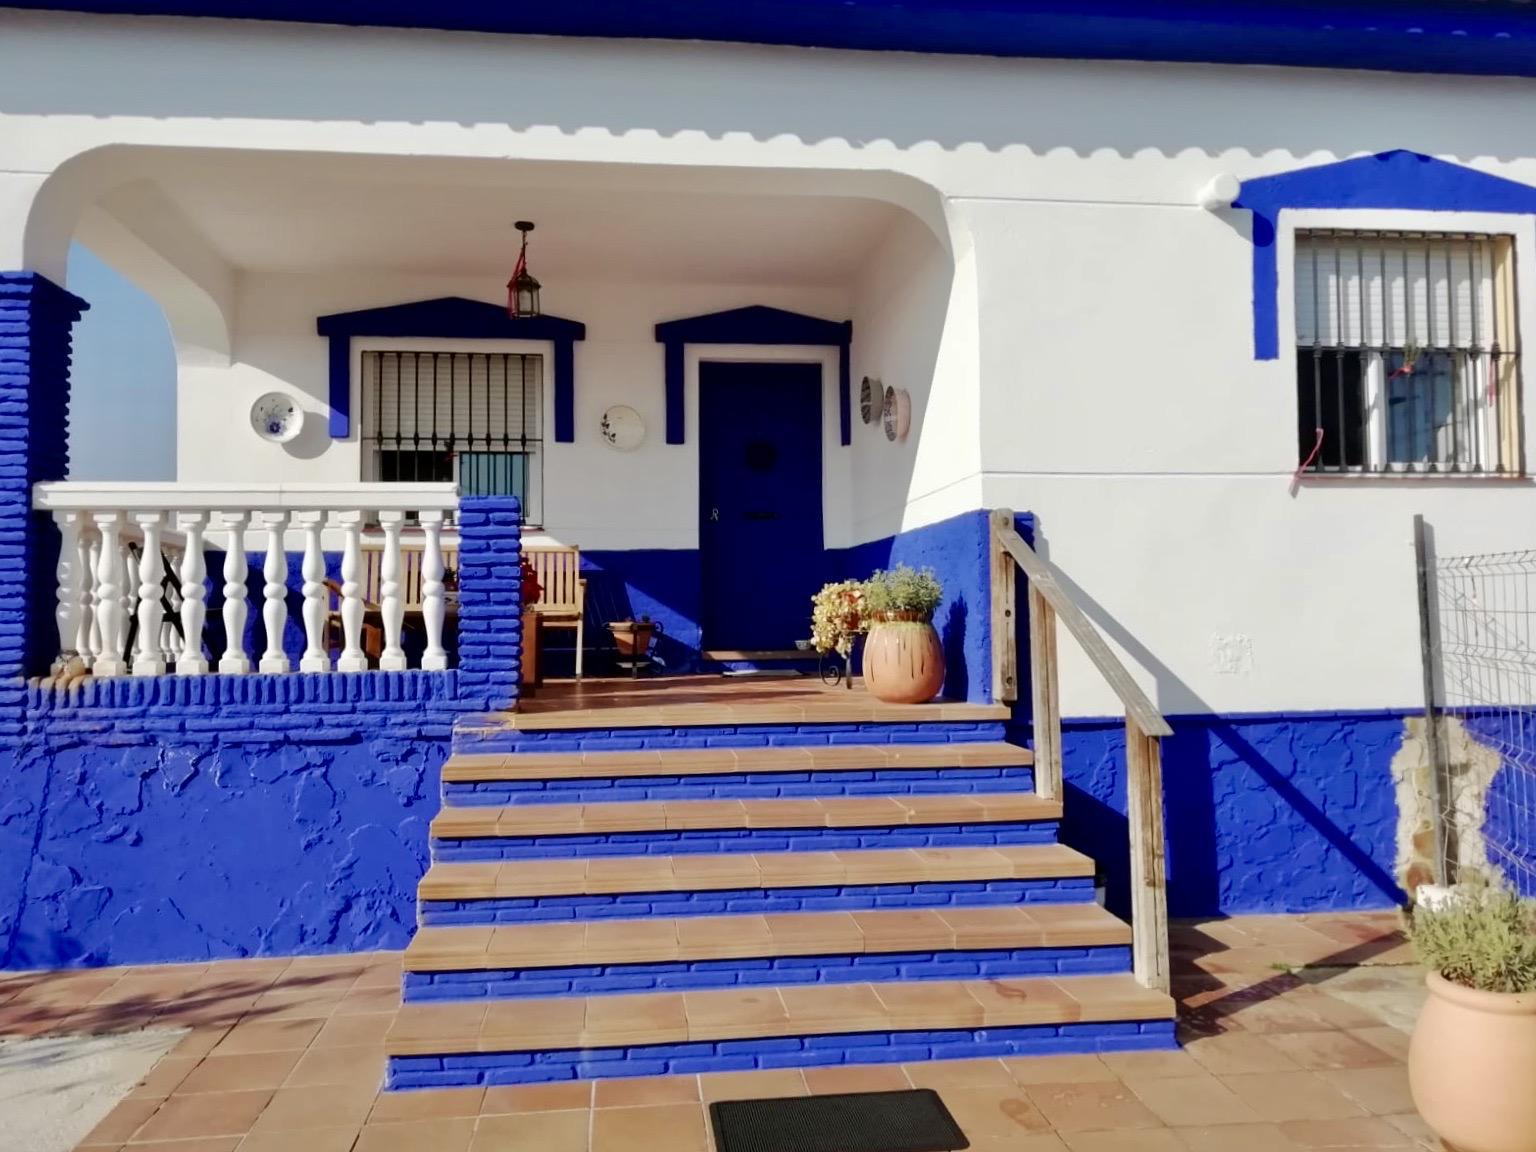 Casa de campo, vivienda anexa y parcela en Santa Agueda, Campanillas, Málaga